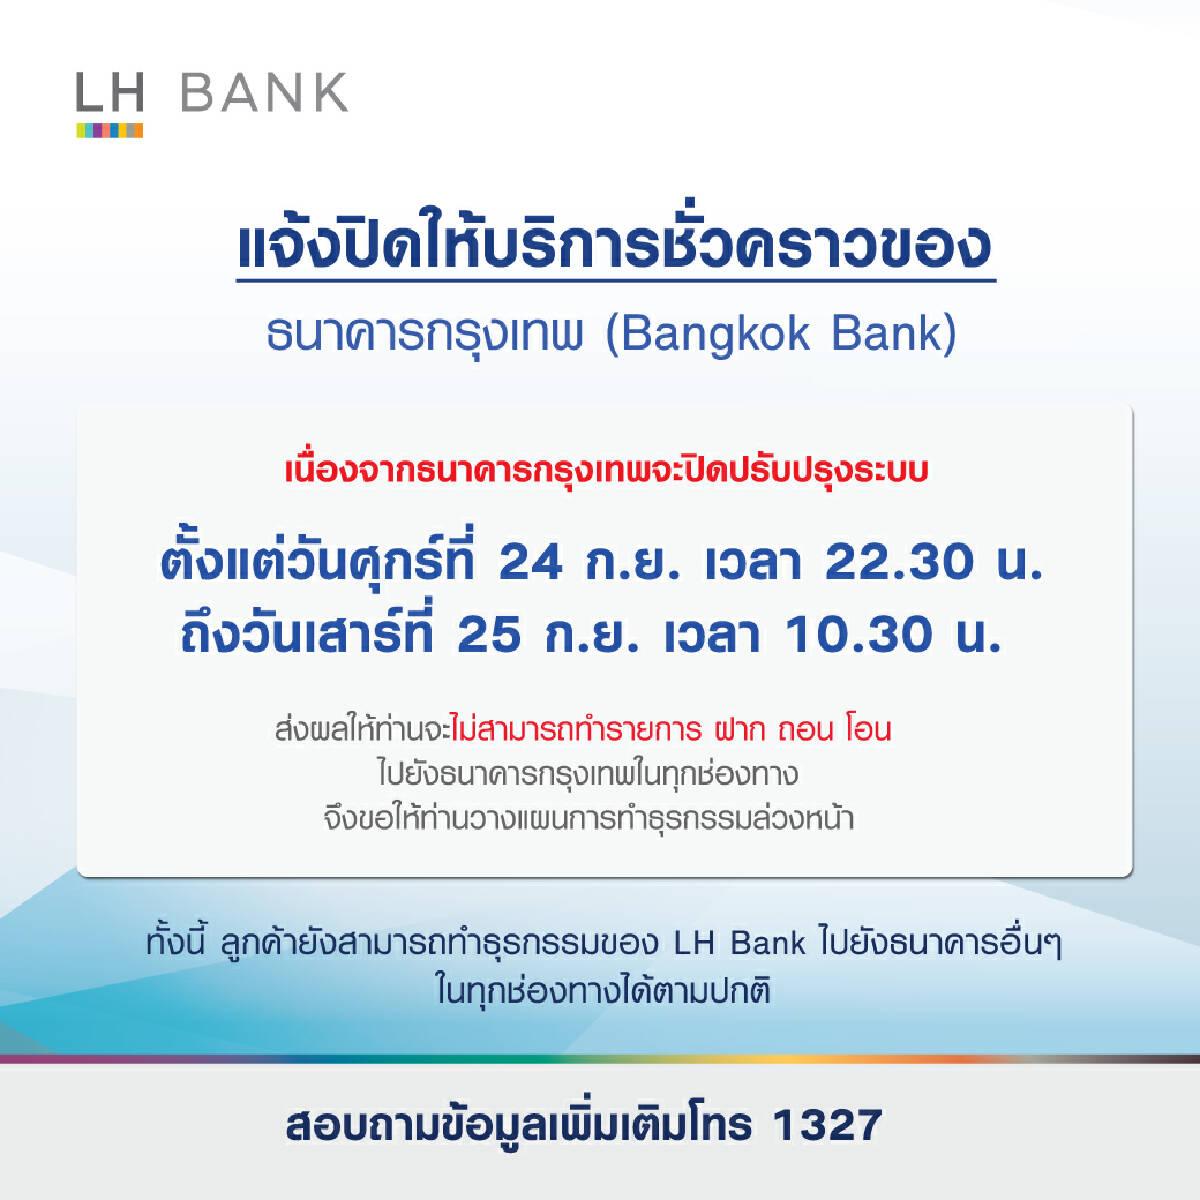 ธนาคารแลนด์แอนด์เฮาส์แจ้งเตือนลูกค้าให้วางแผนทำธุรกรรมกับธนาคารกรุงเทพ